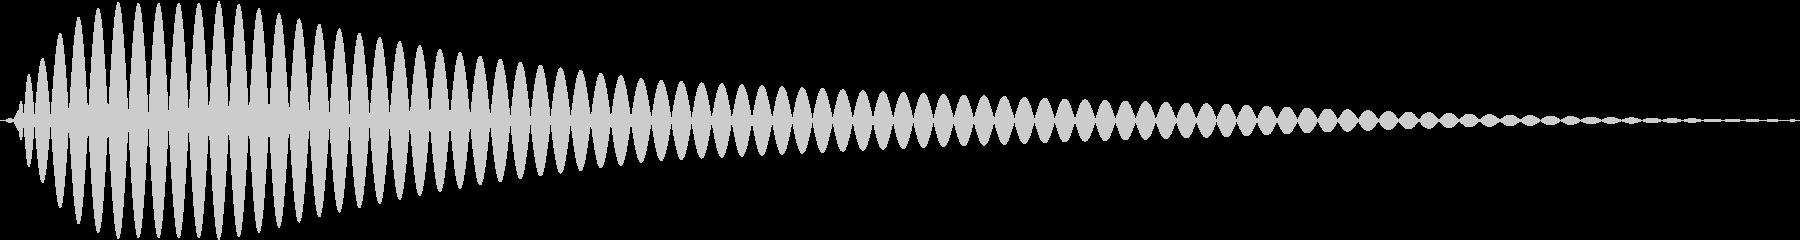 AppCommand タッチ&クリックの未再生の波形